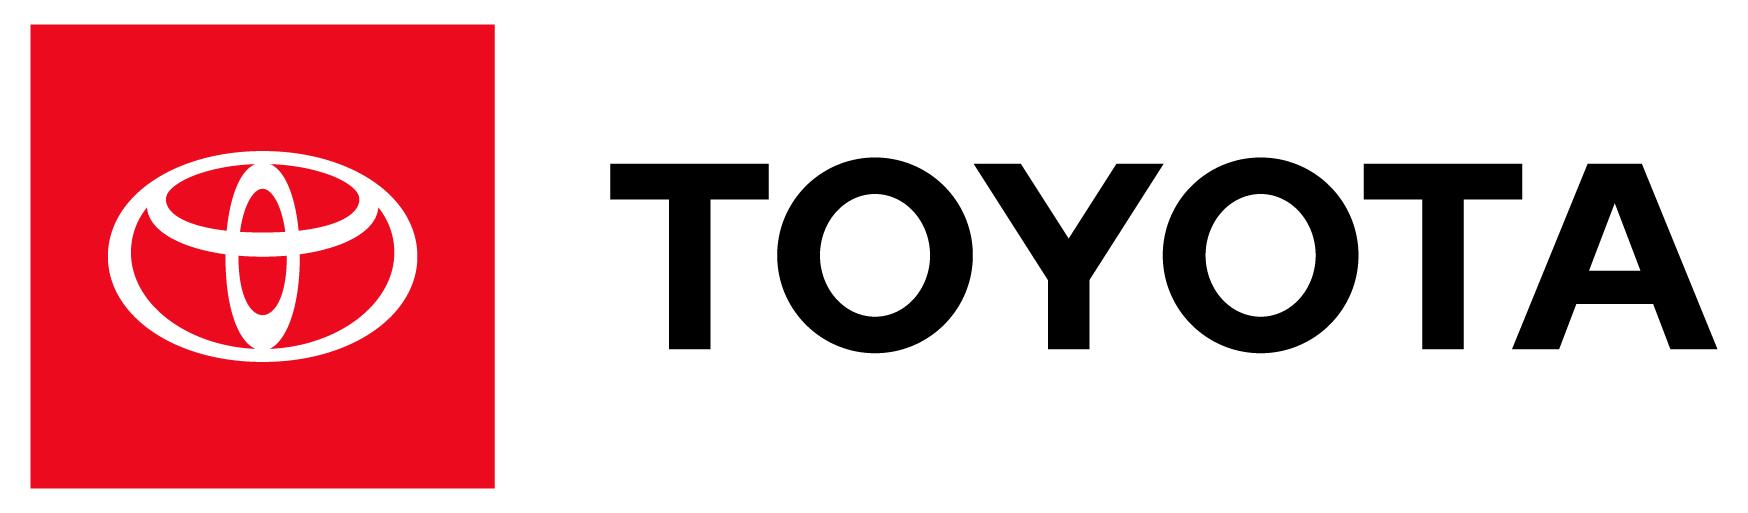 Pozioma wersja logo Toyoty